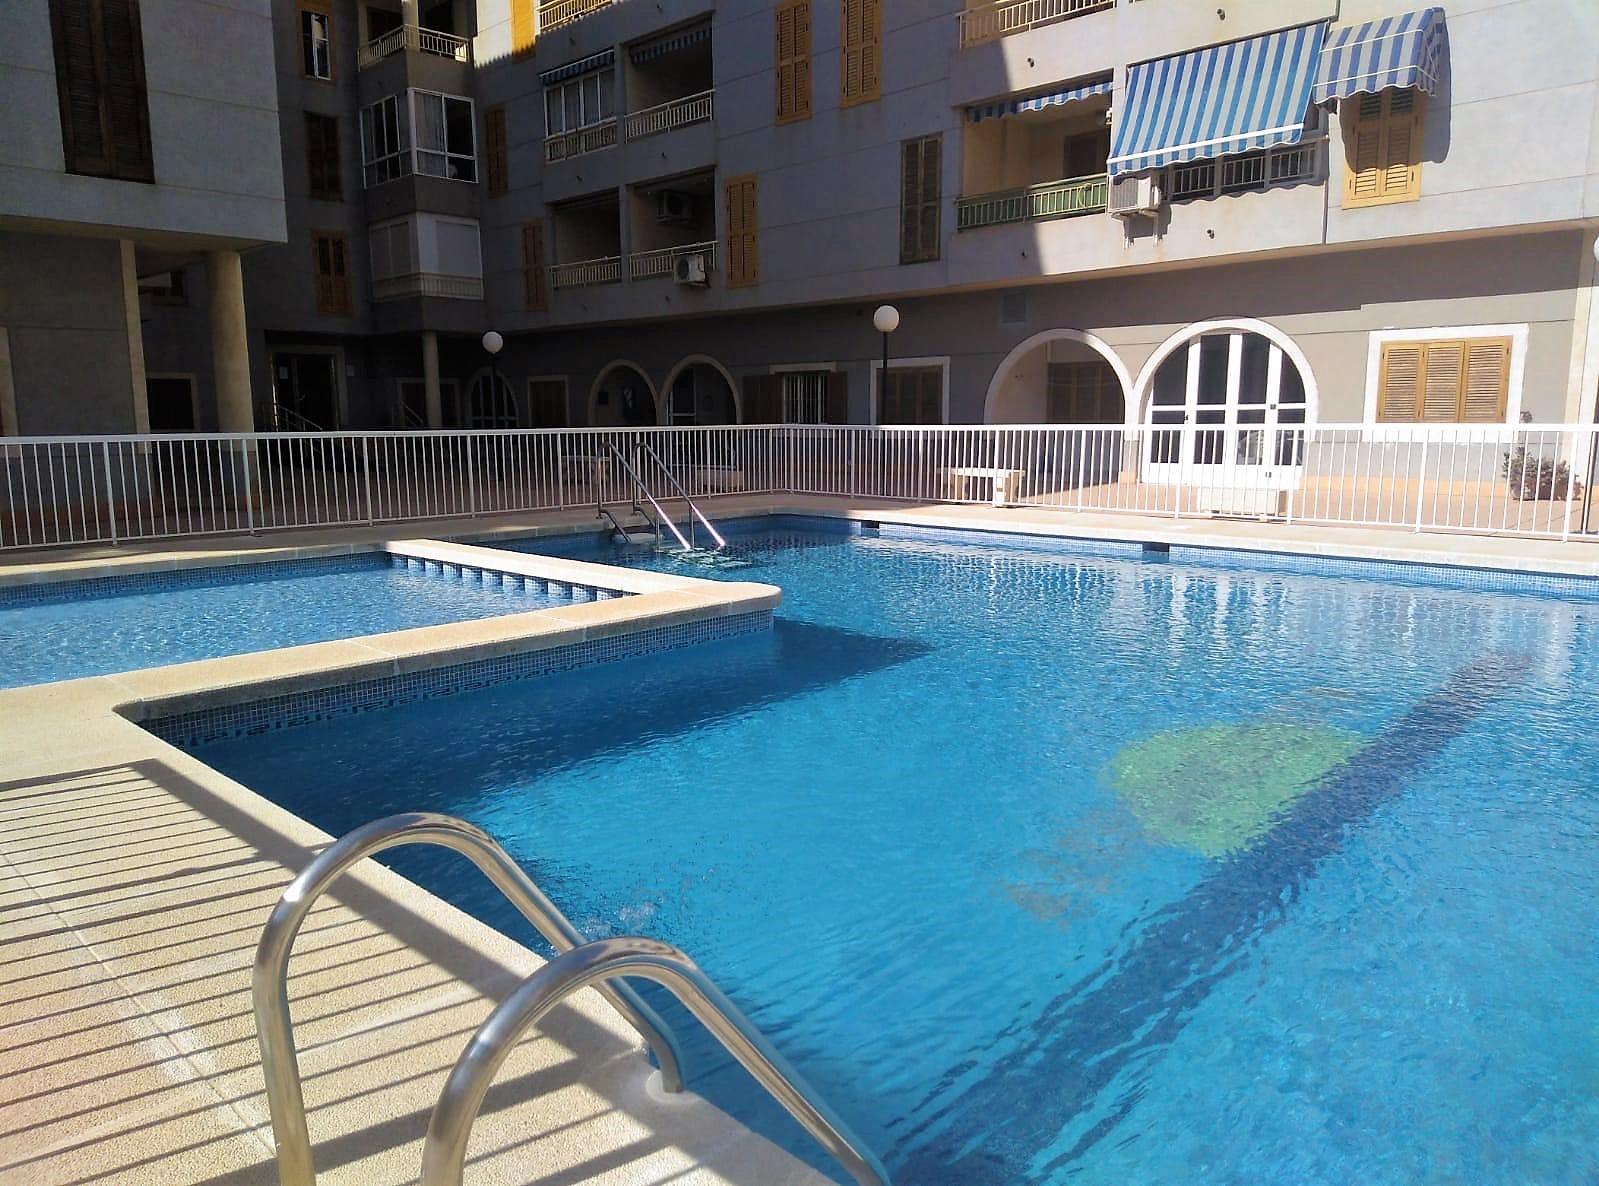 Апартаменты на верхнем этаже для продажи в Торревьехе